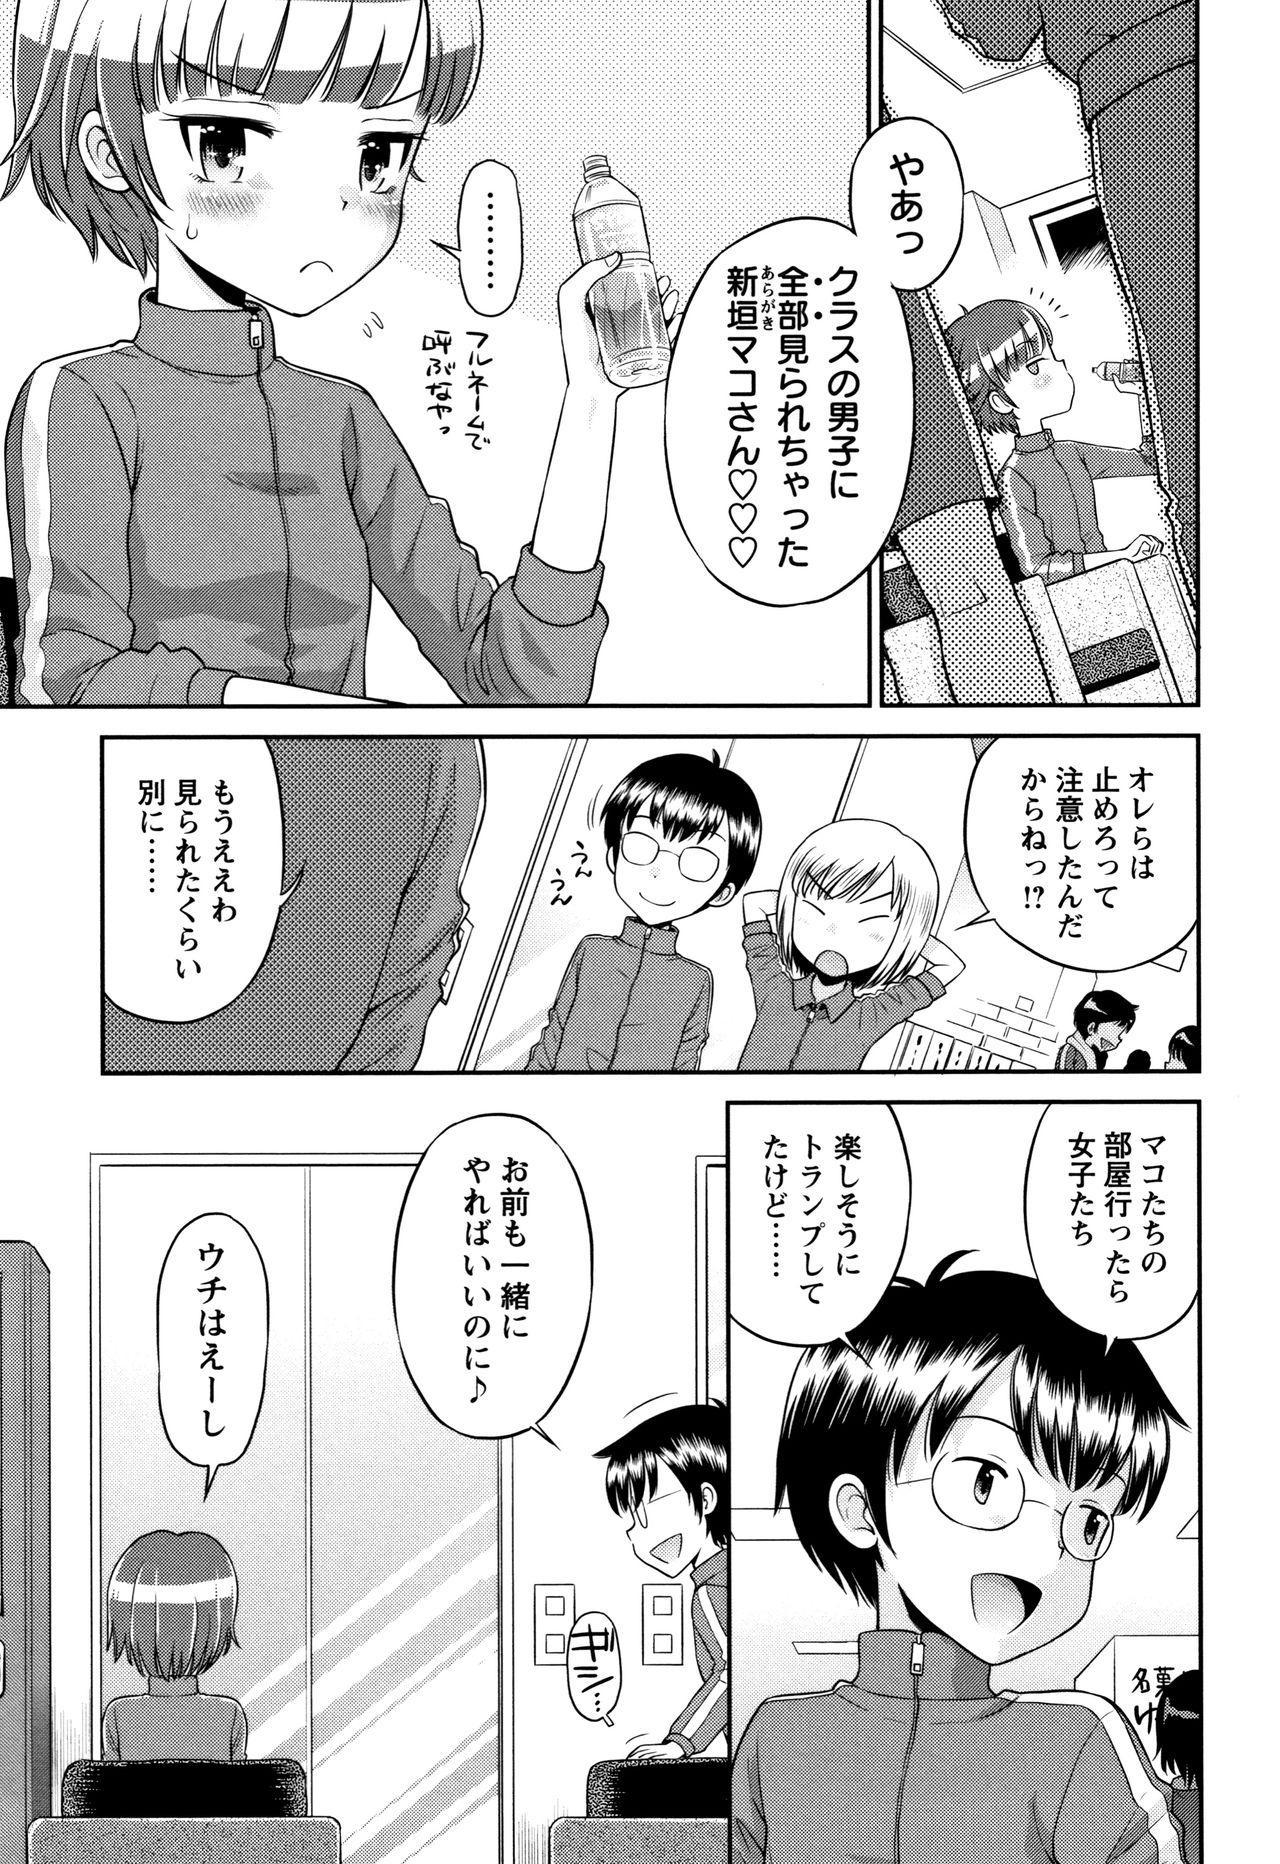 Mako to Himitsu no Houkago 131